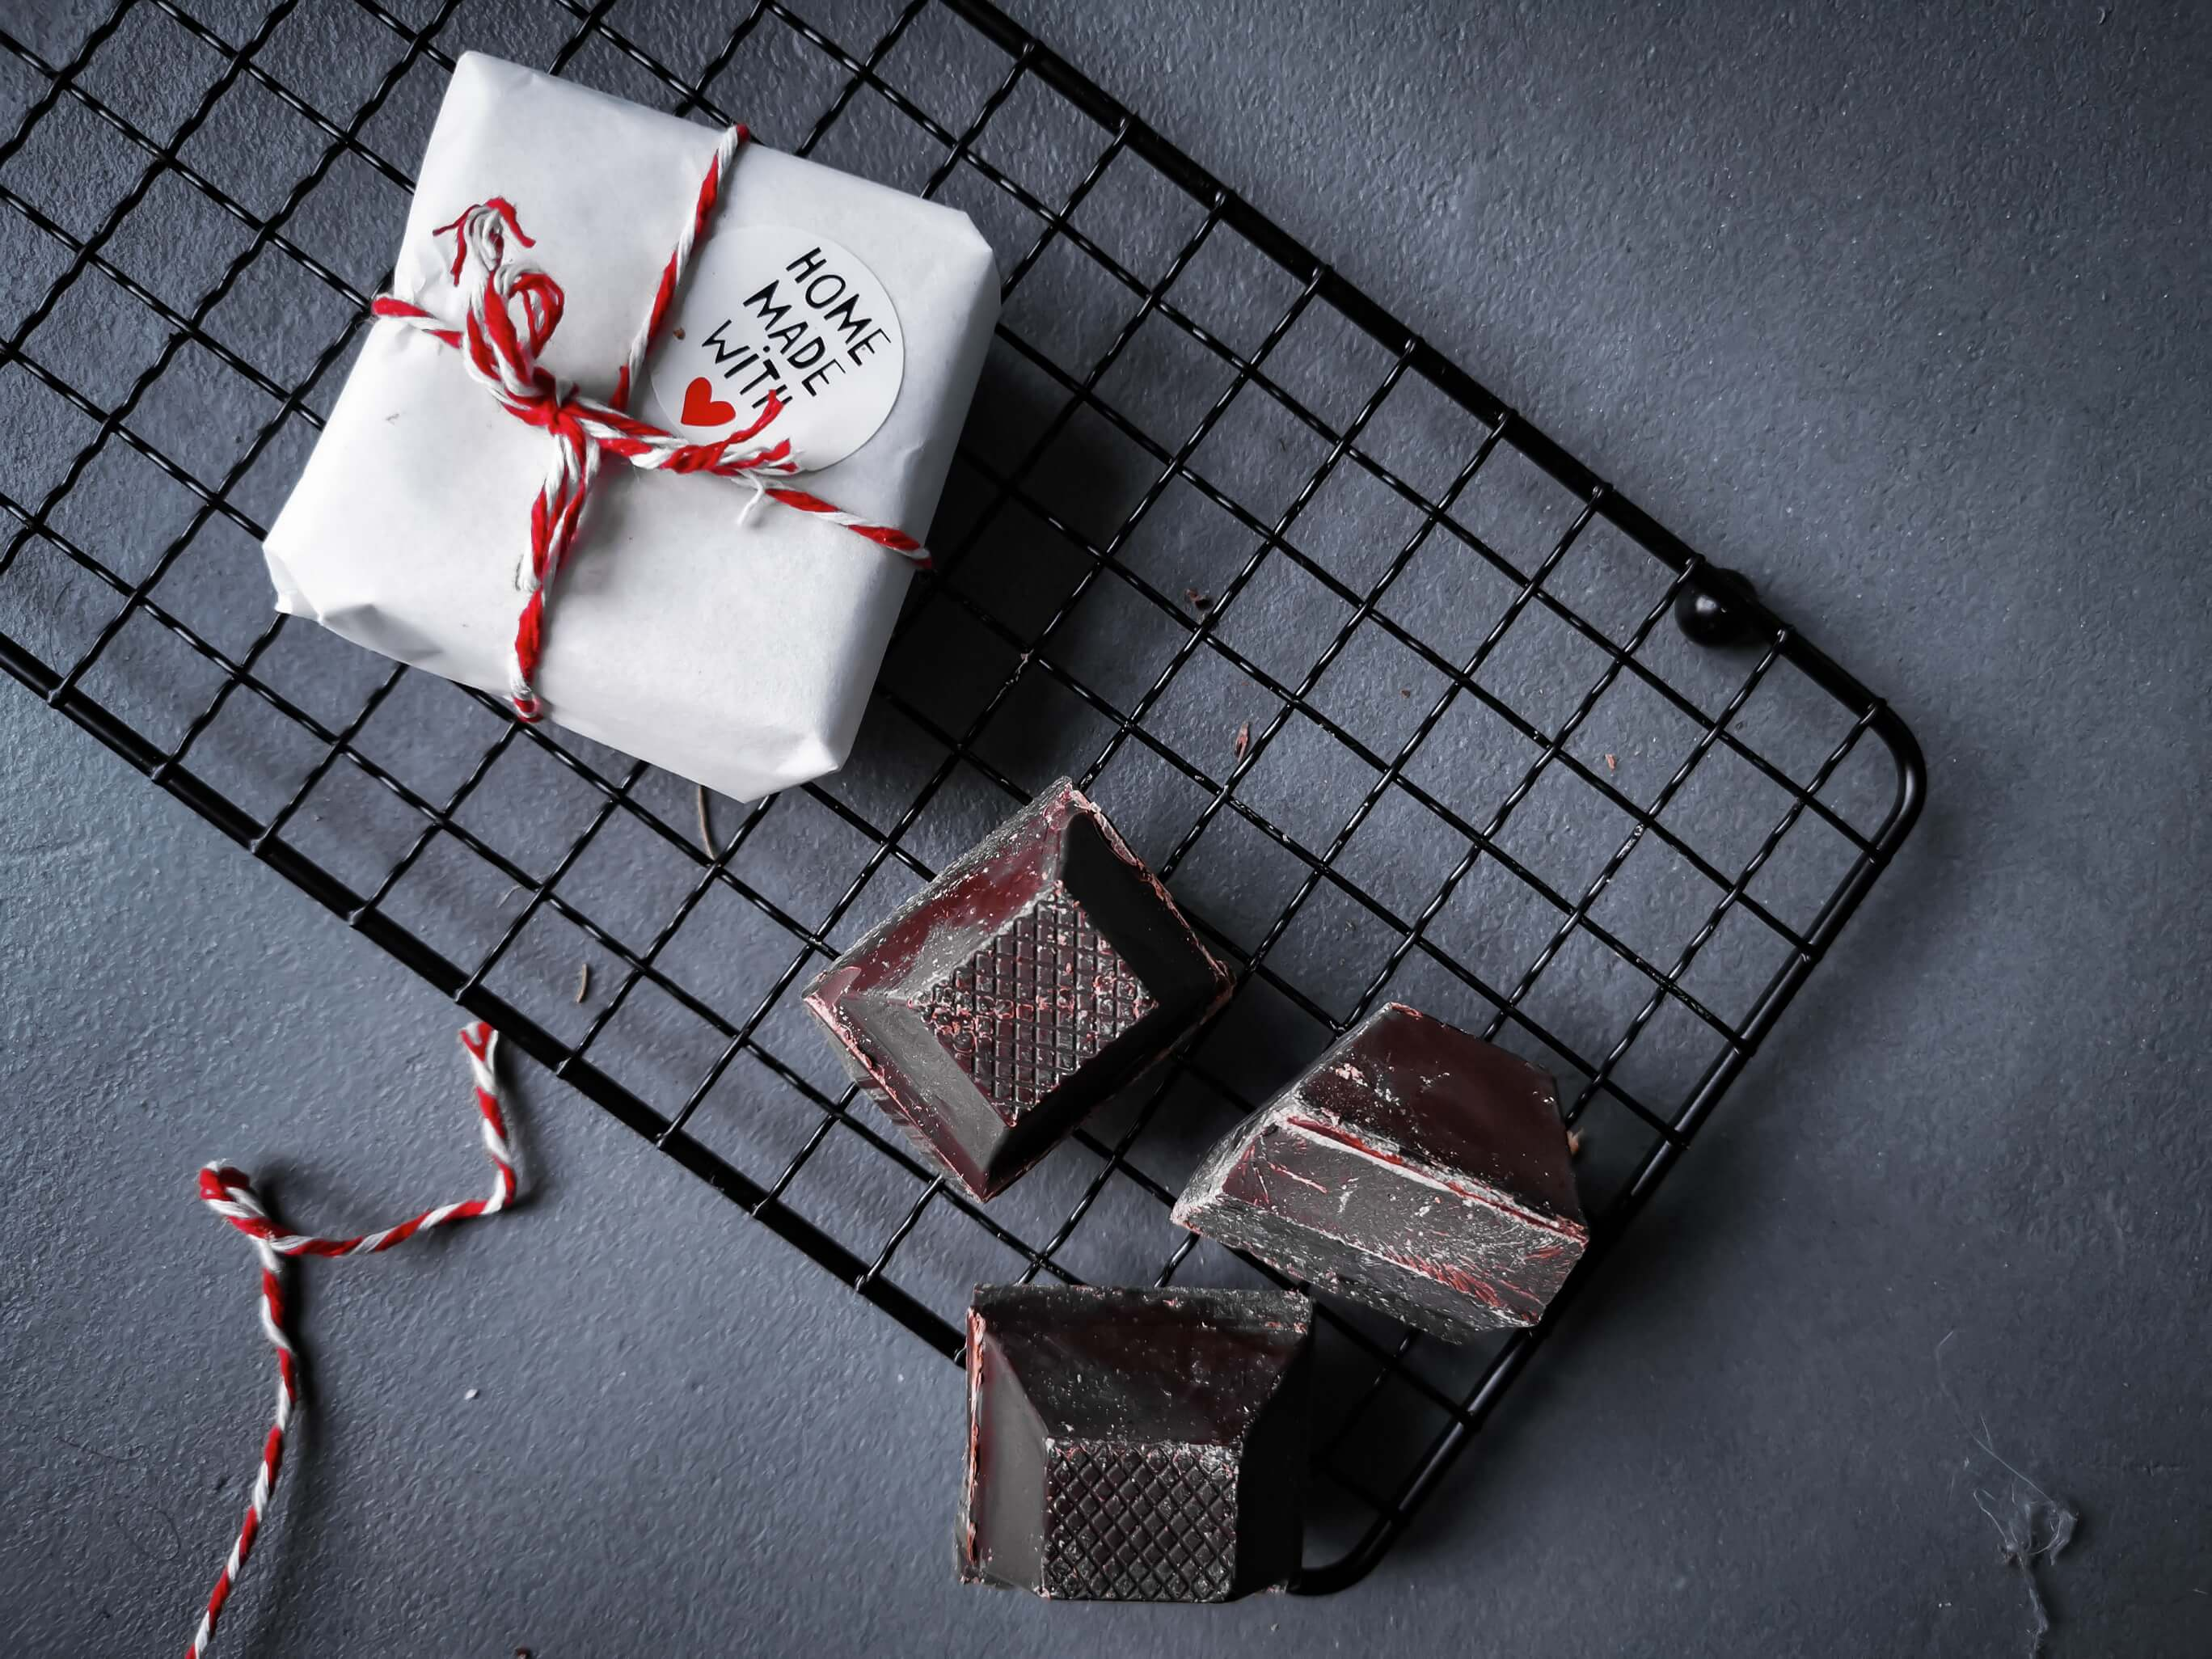 IMG 20191117 143826 resized 20191117 061512820 - Geschenke aus der Küche - so schmeckt Weihnachten!